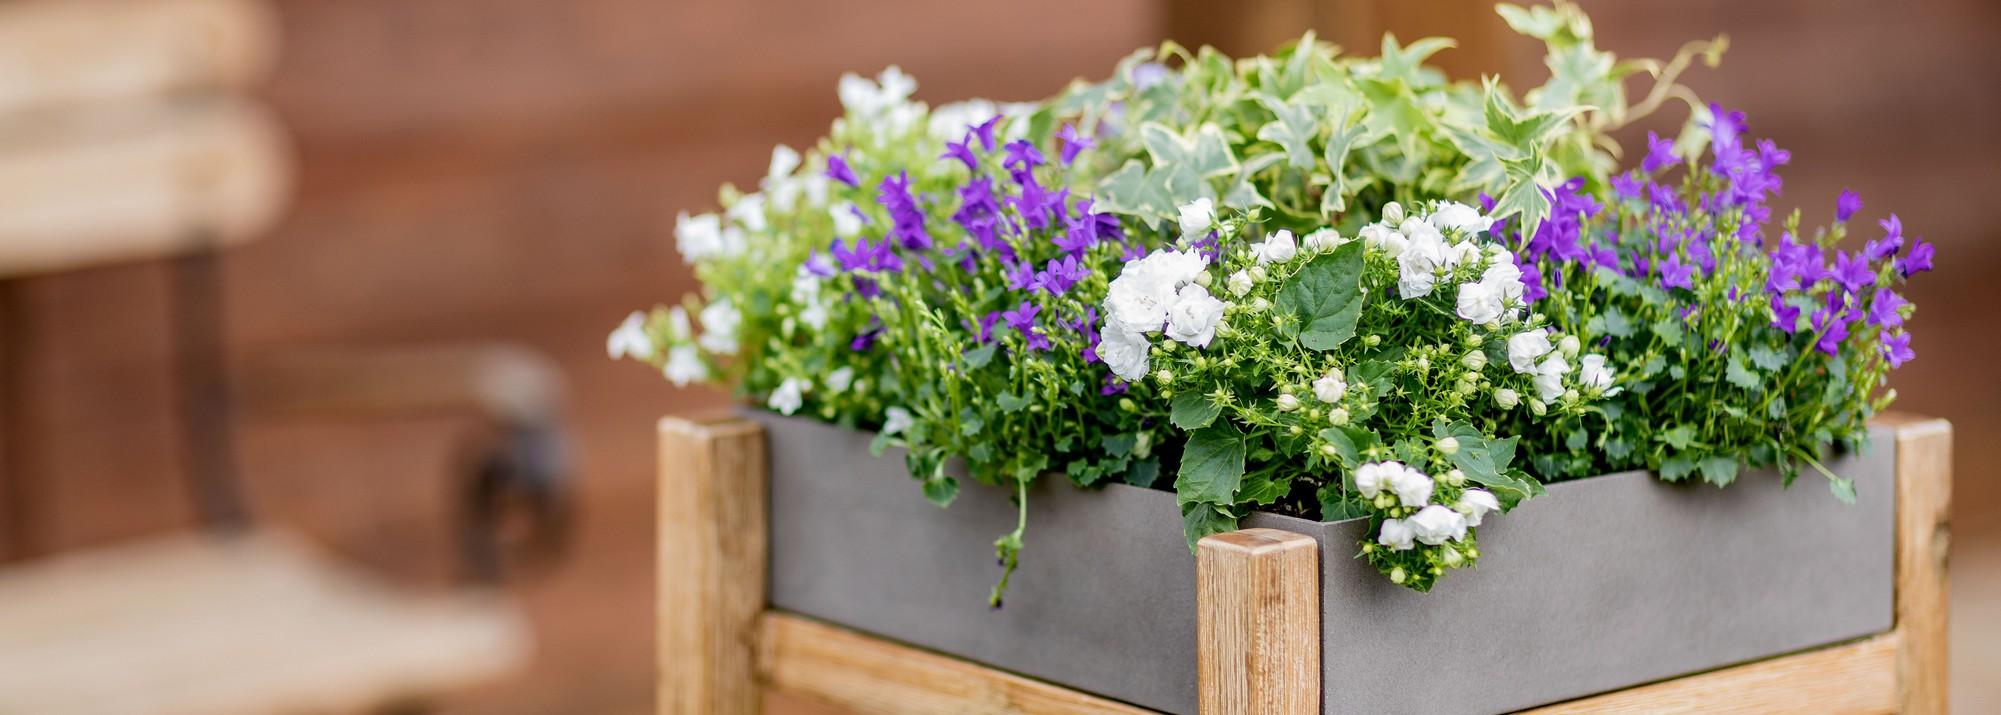 Petites Plantes Fleuries En Pot plantes vivaces : botanic®, votre plante vivace - botanic®